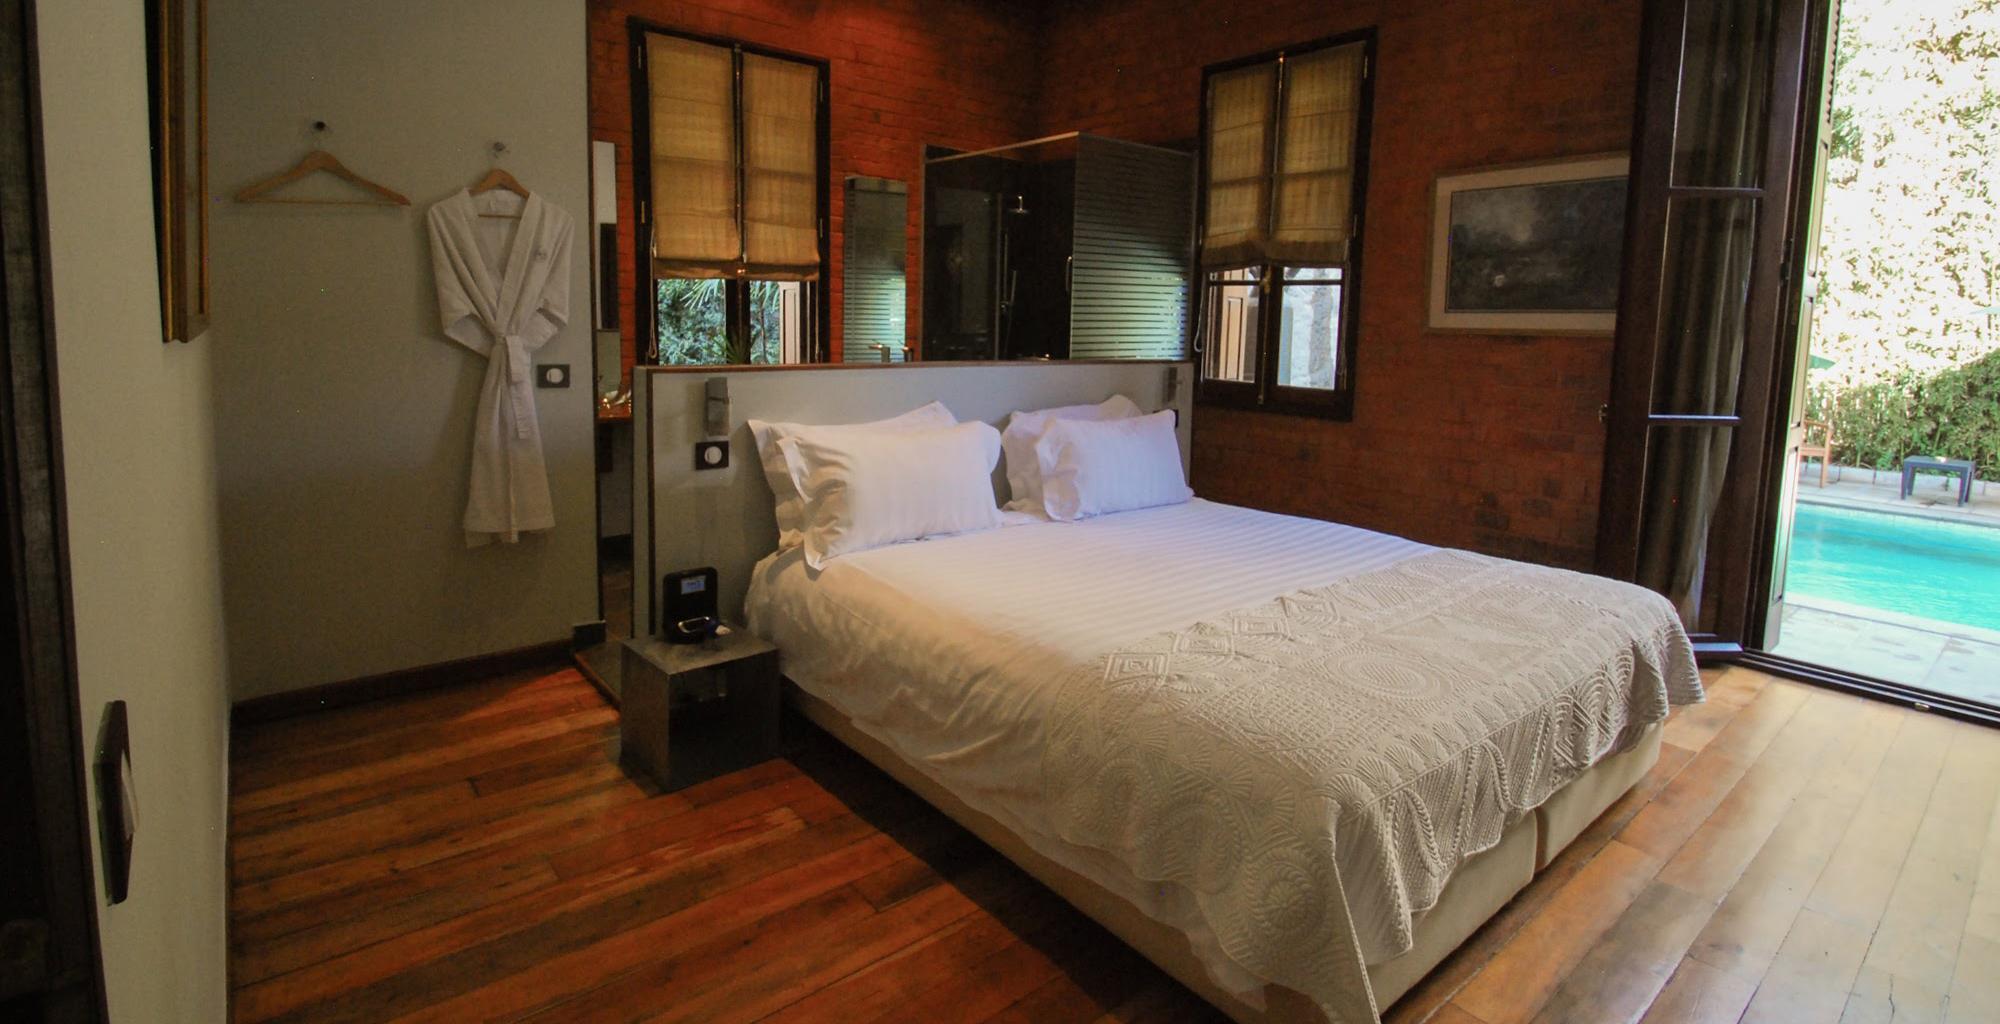 Madagascar-Maison-Gallieni-Bedroom